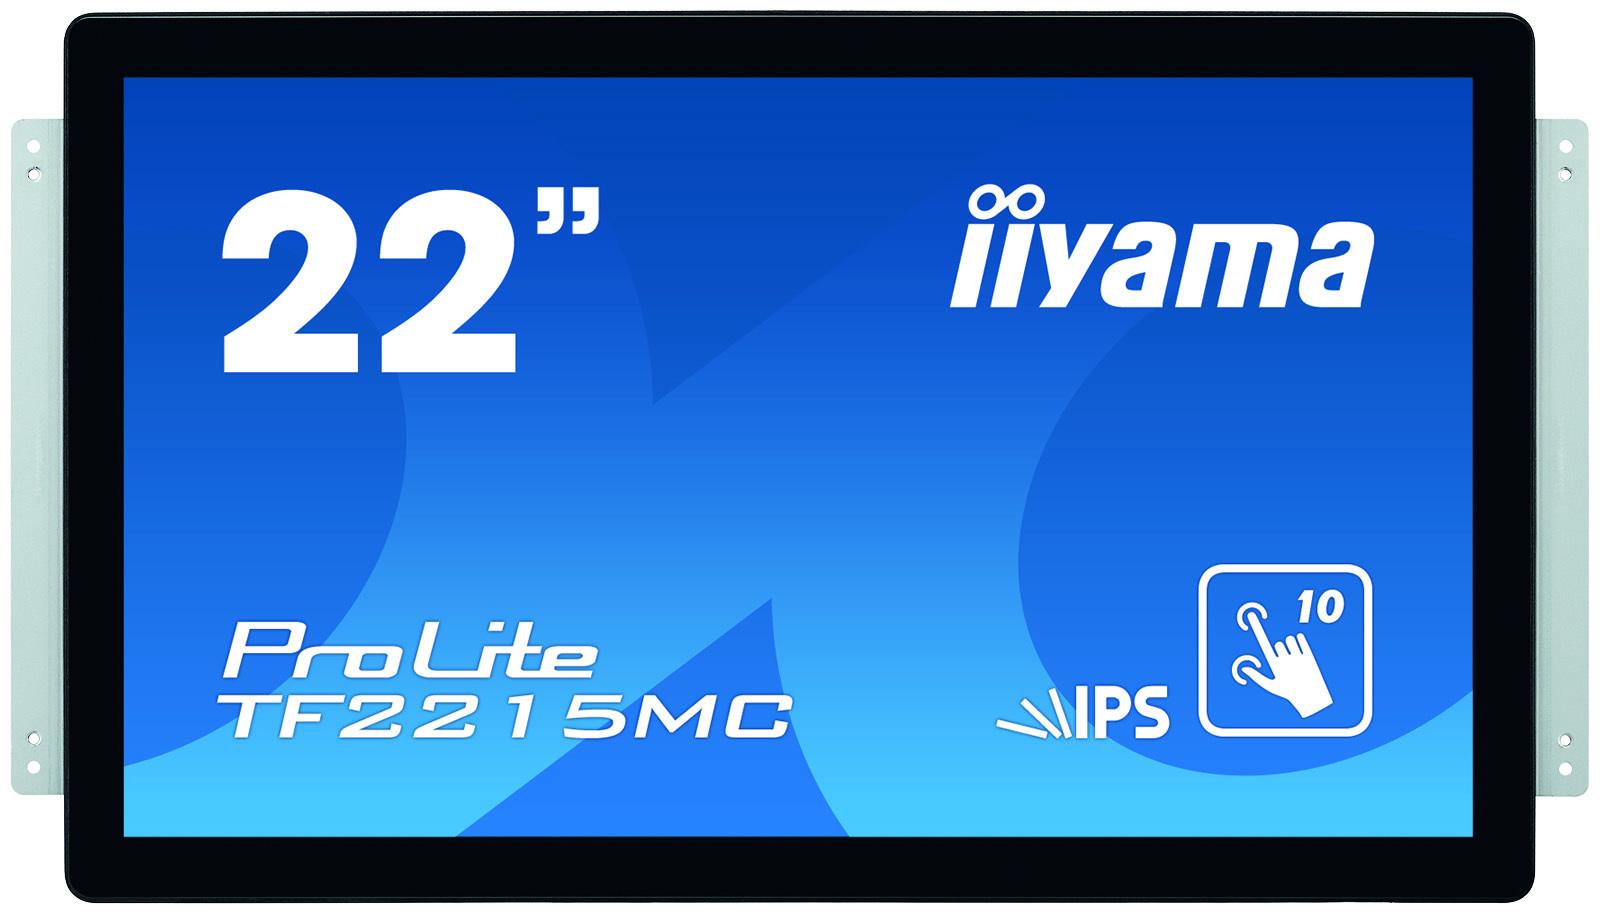 Iiyama ProLite TF2215MC-B2 - 54,6 cm (21.5 Zoll) - 14 ms - 350 cd/m² - Full HD - IPS - 1000:1